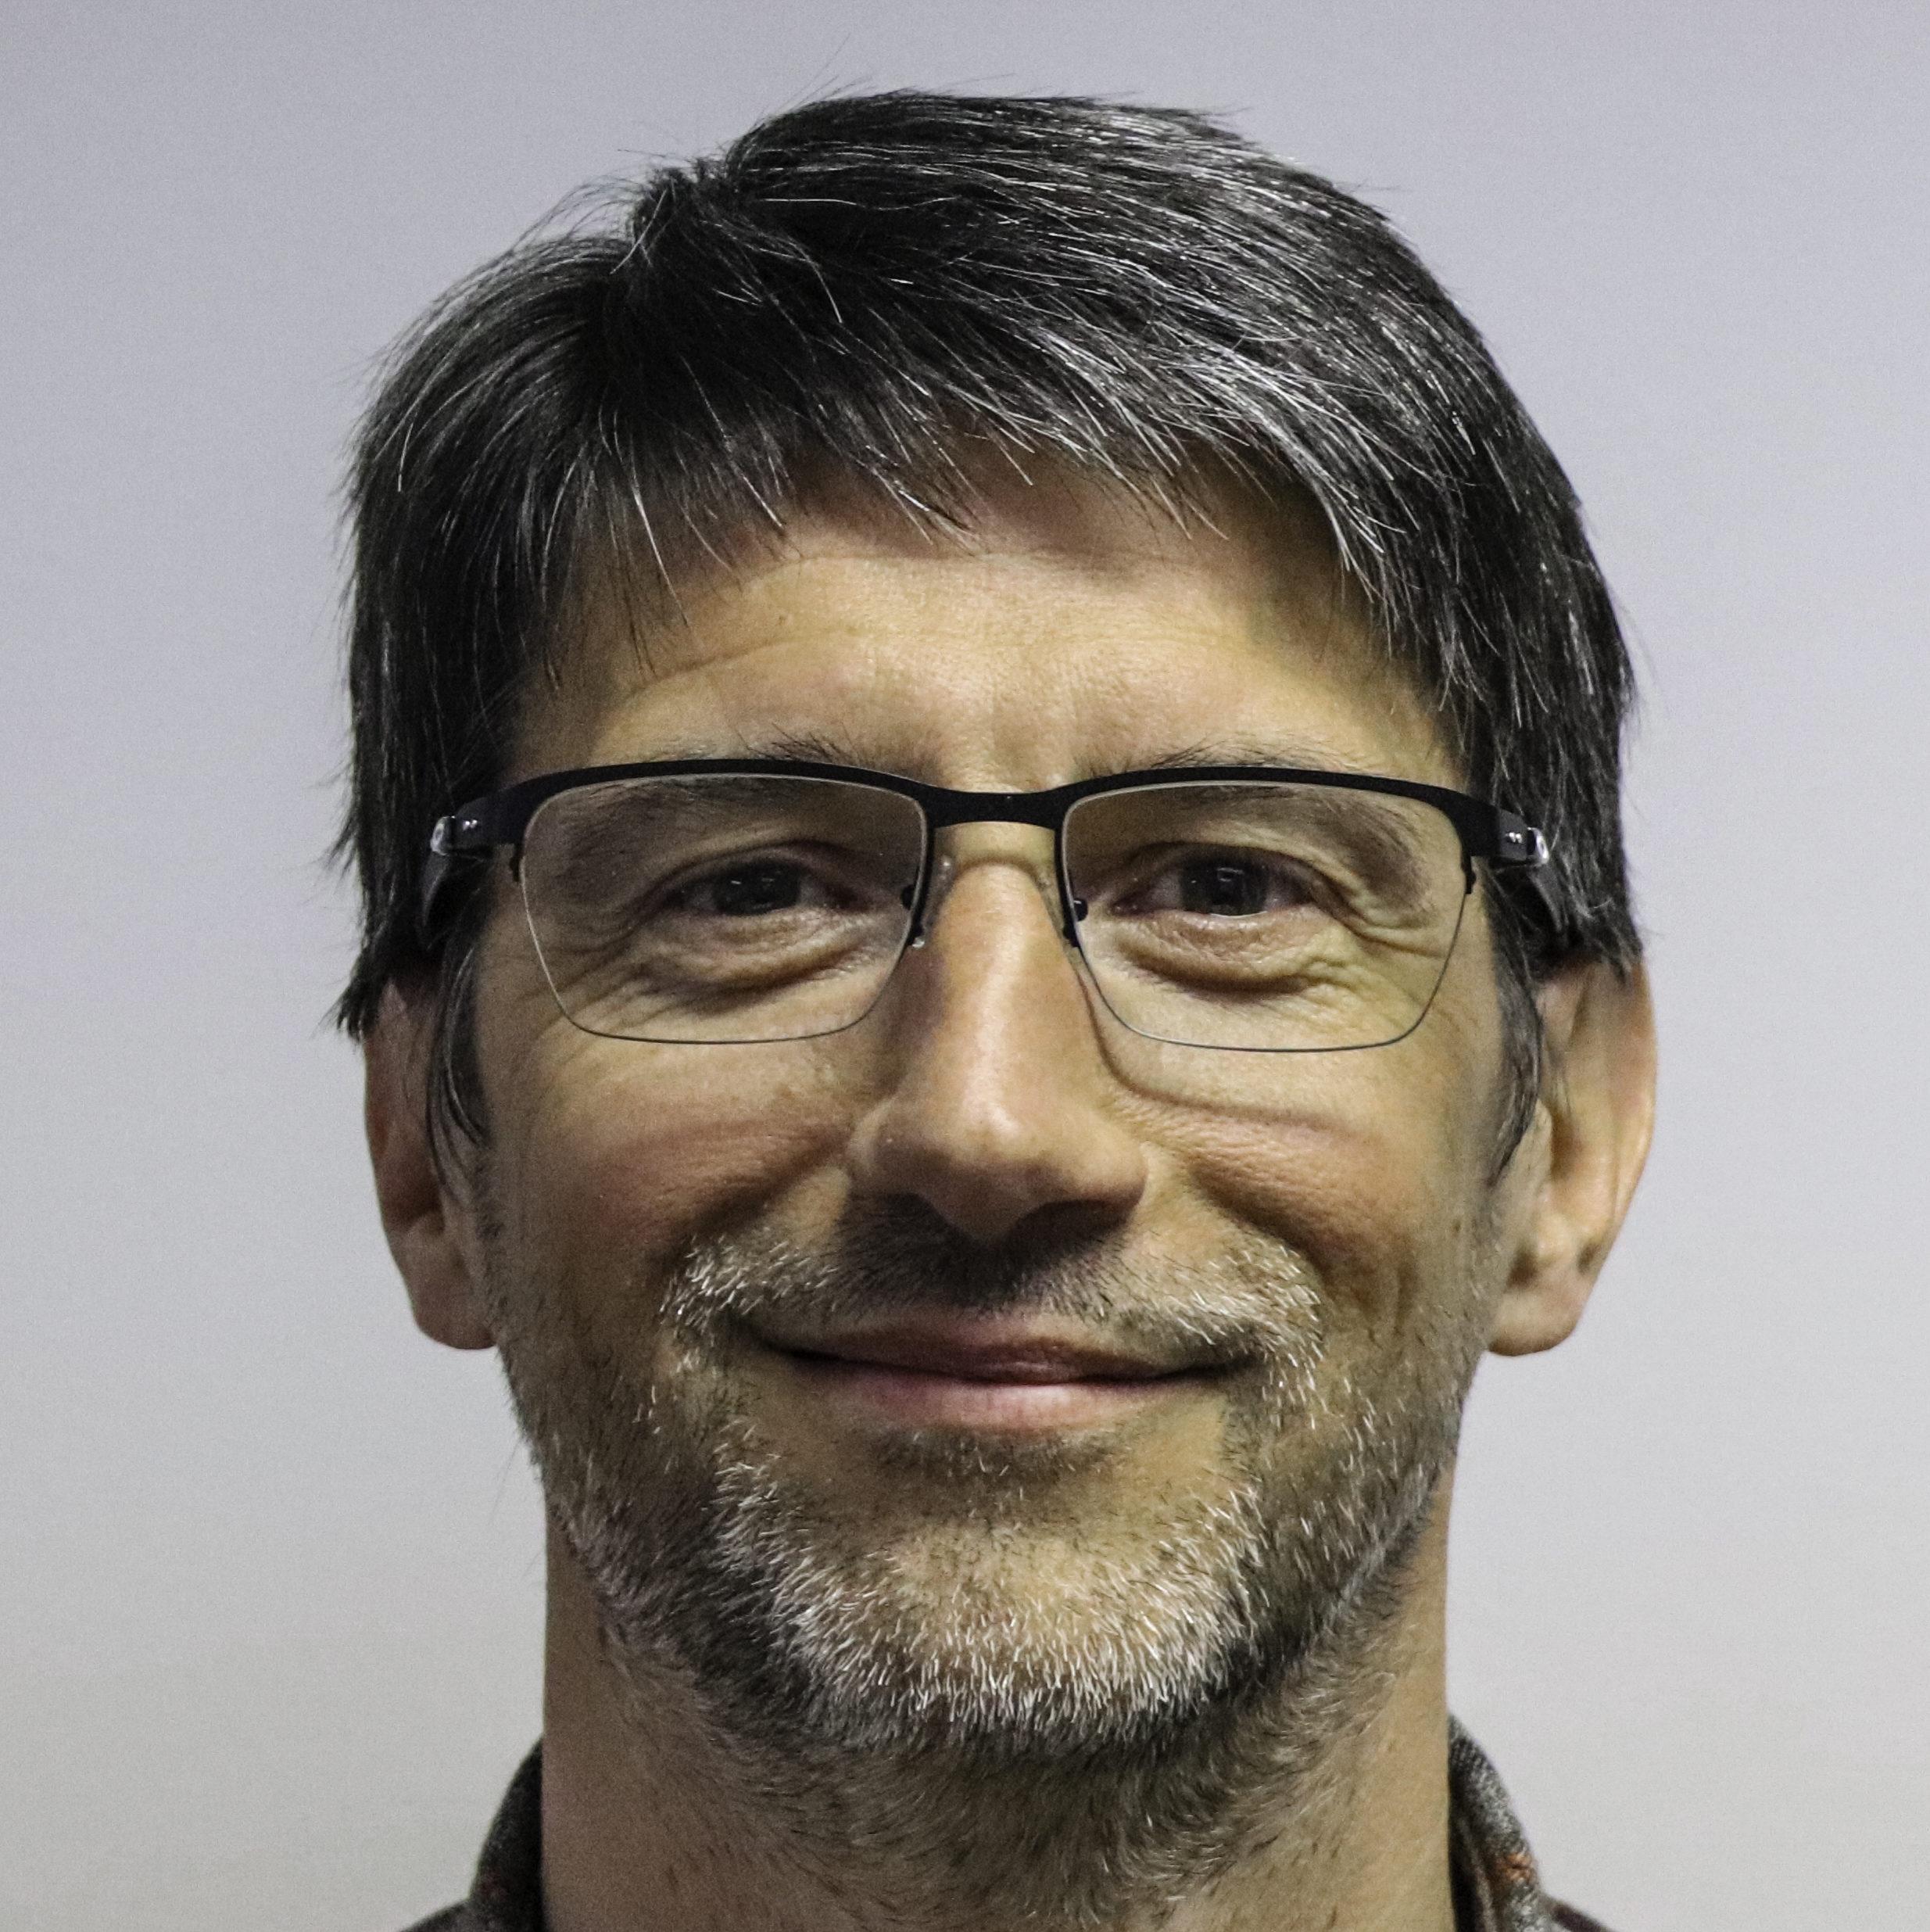 Dirk de Clercq slimme gebruikersnamen voor online dating